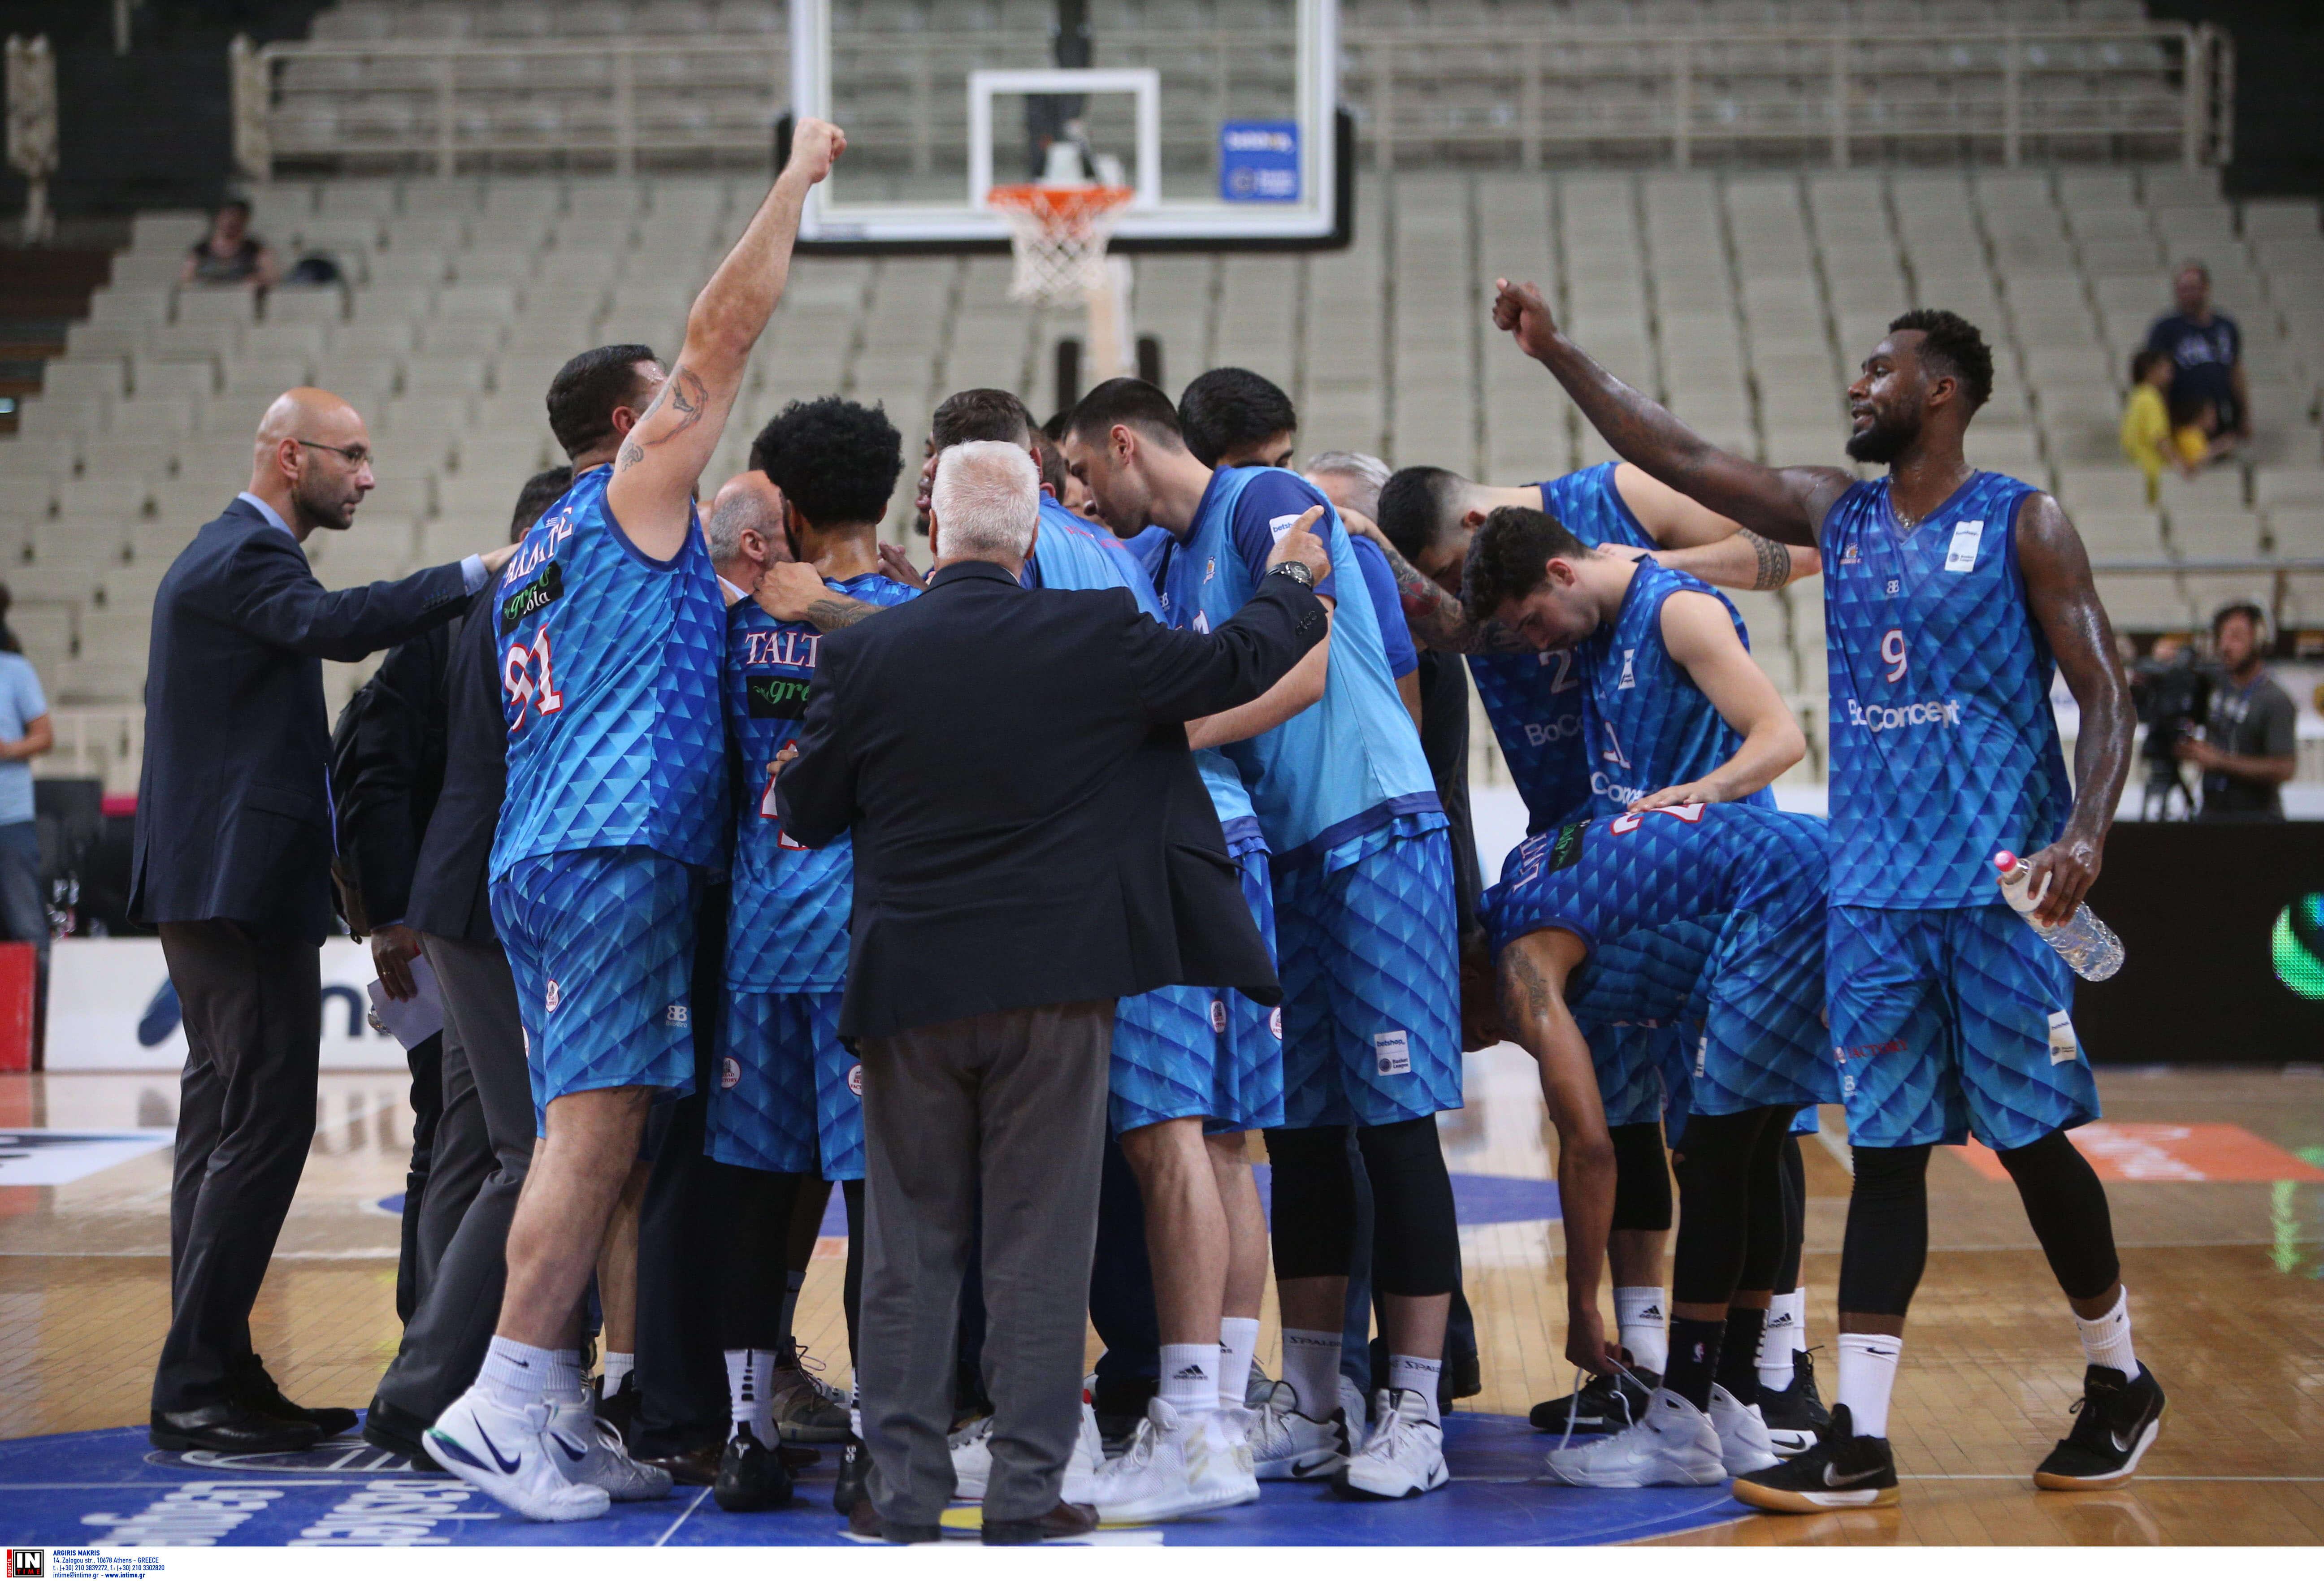 Basket League: Στον Κολοσσό το ΑΦΜ του Χολαργού! Μένουν στην κατηγορία οι Ροδίτες